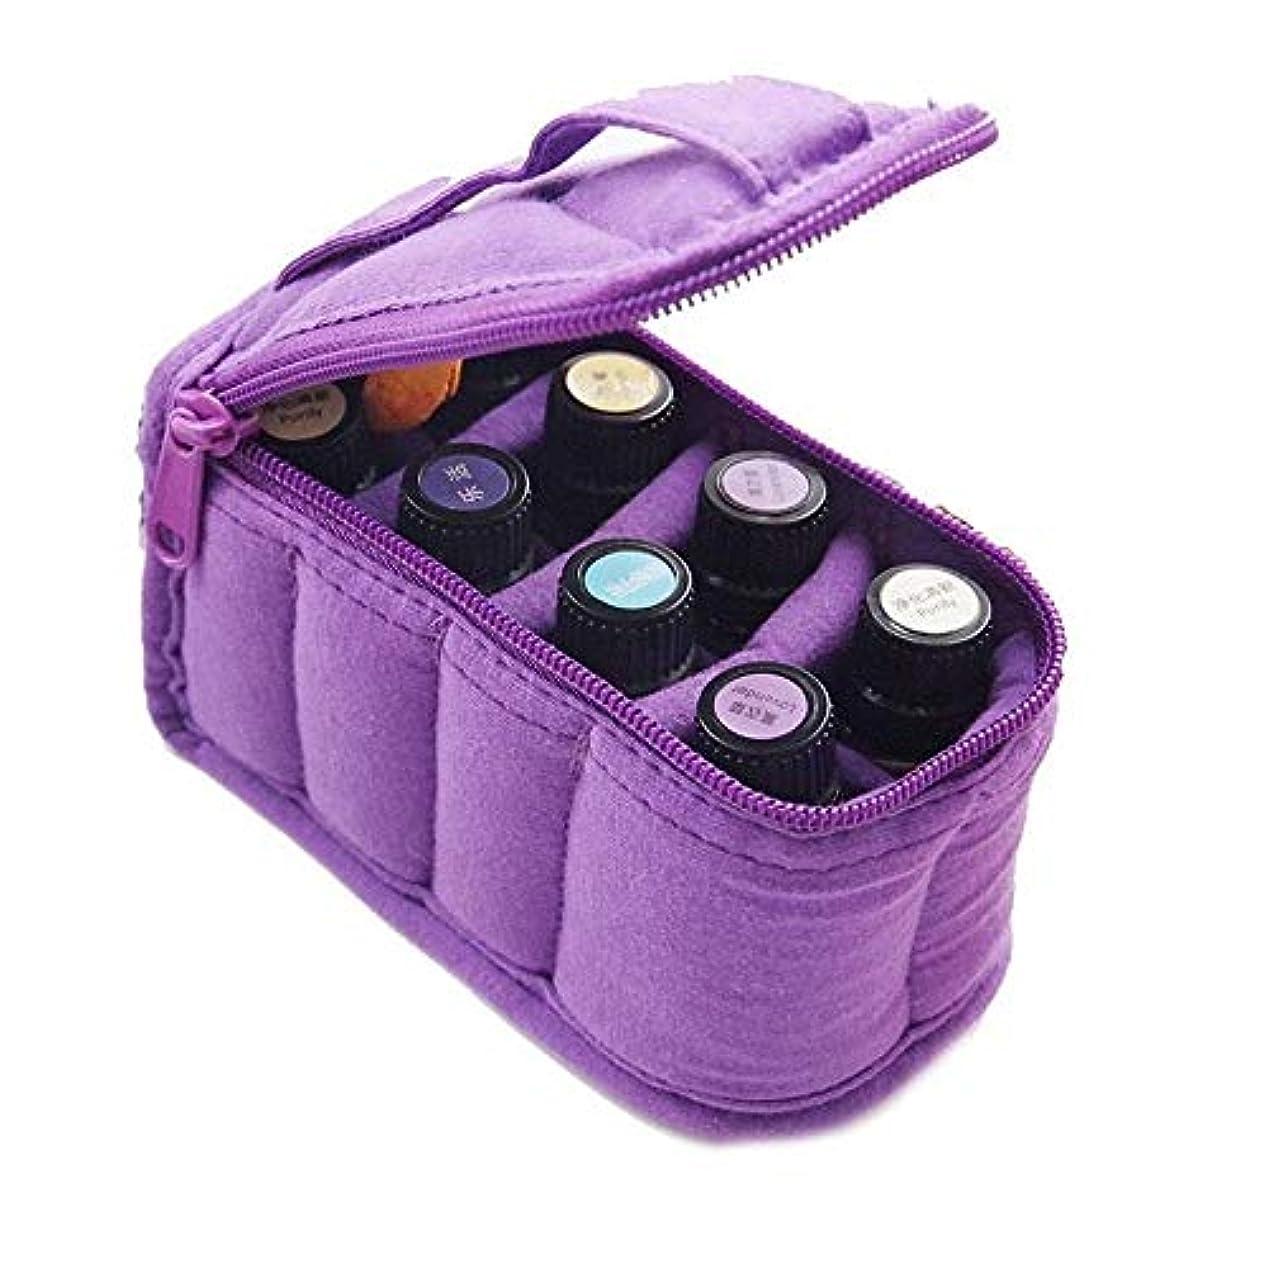 億に慣れコストエッセンシャルオイルの保管 ケースプレミアム保護キャリングエッセンシャルオイルは10-15MLエッセンシャルオイルオーガナイザーバッグ(トップのハンドルキャリー)開催します (色 : 紫の, サイズ : 13X7X7.5CM)